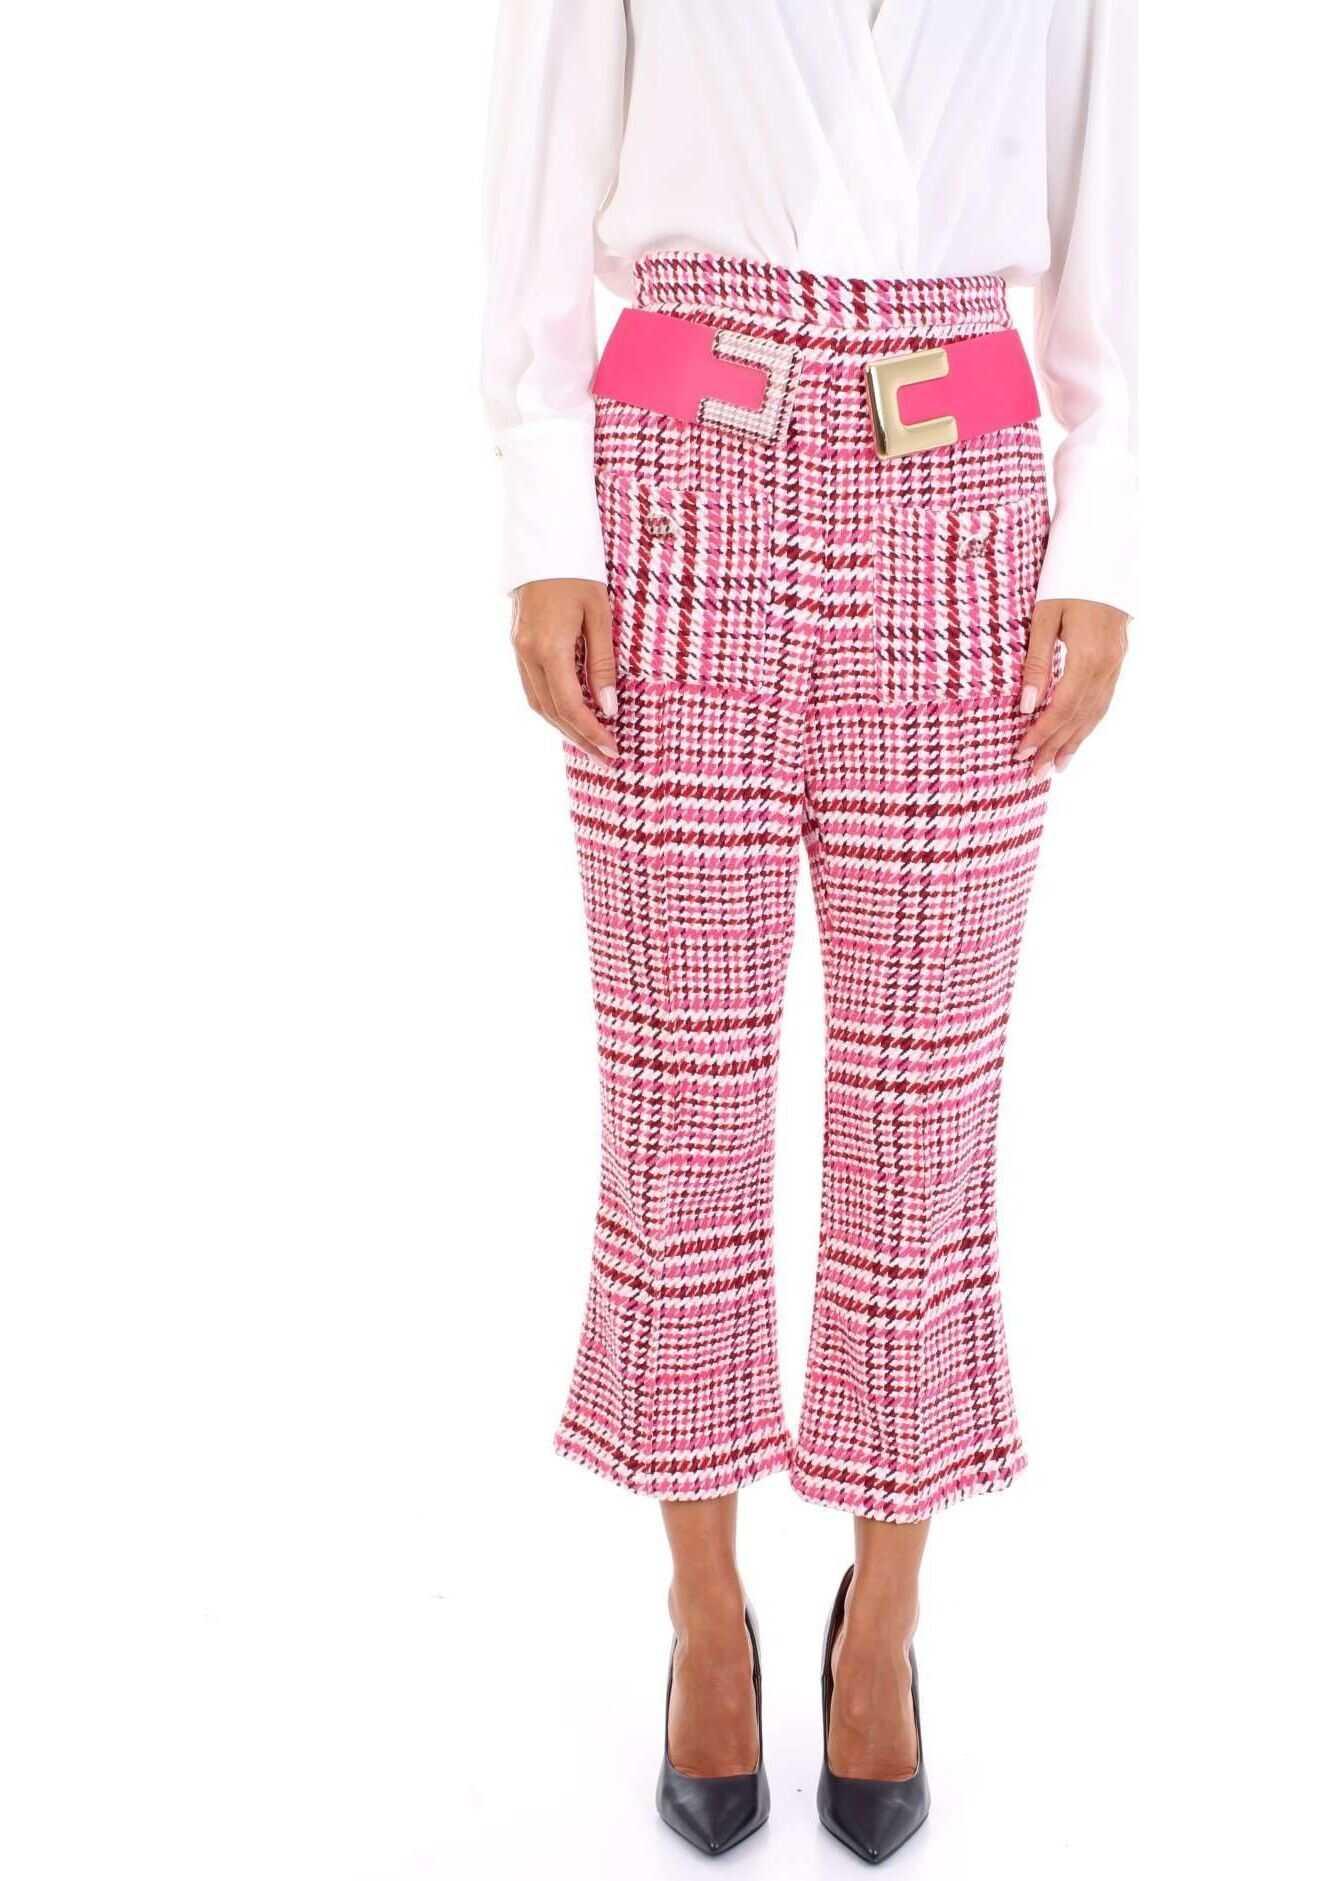 Elisabetta Franchi Cotton Pants PINK